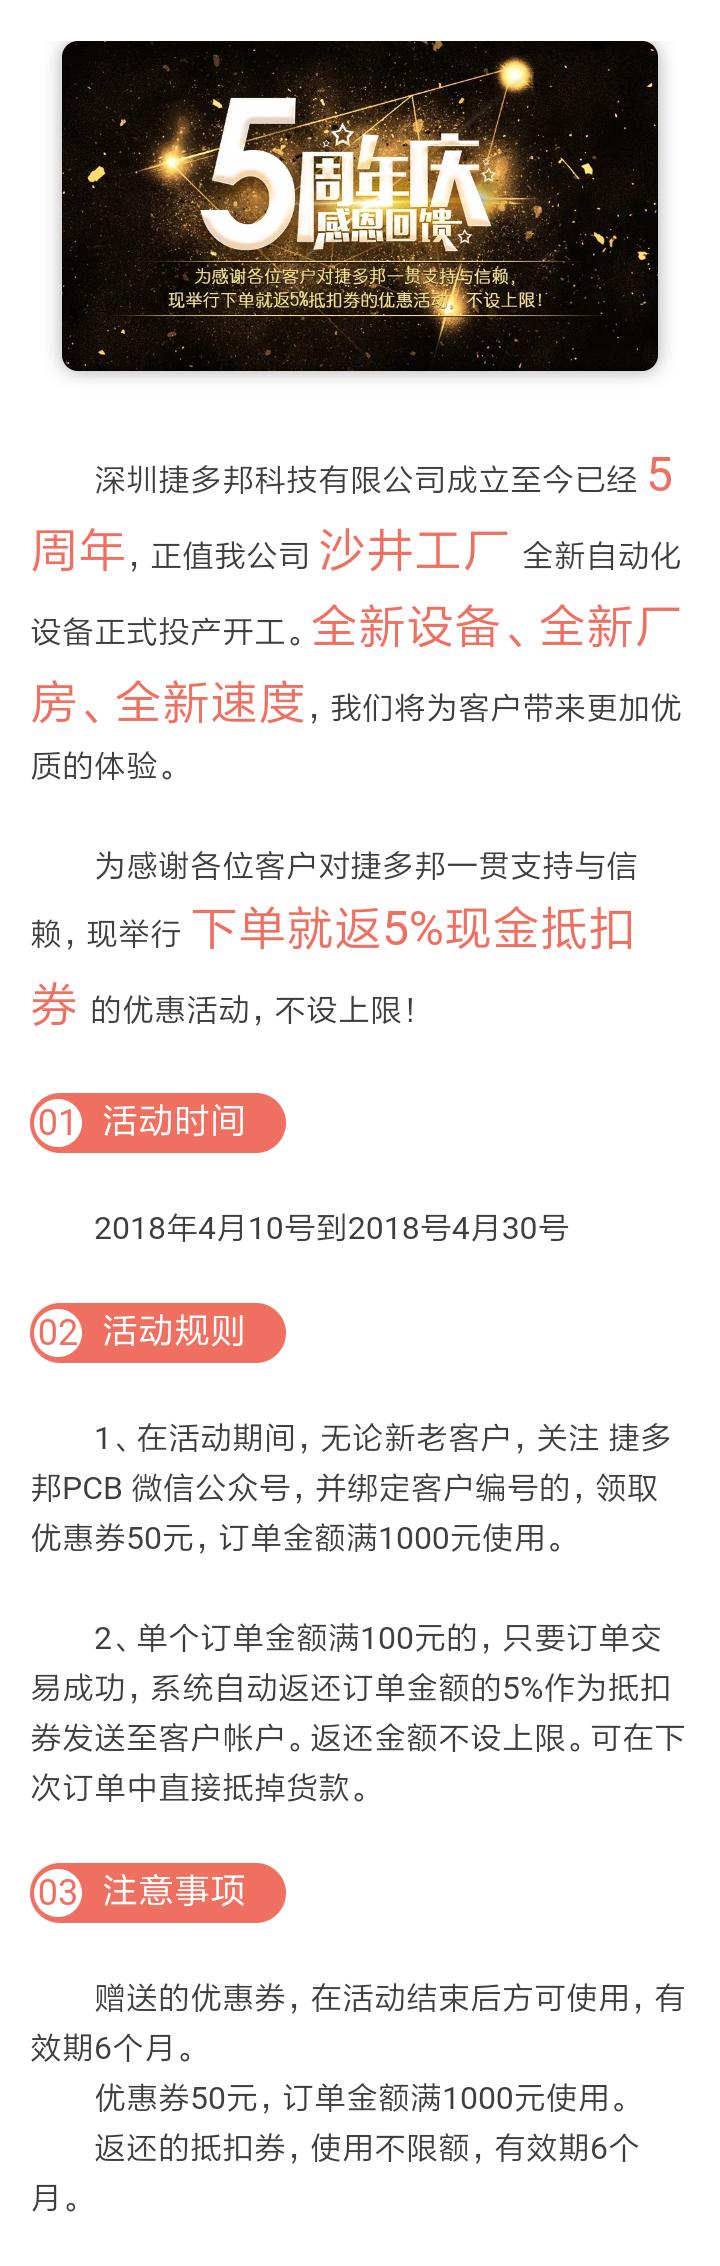 【优惠活动】庆捷多邦5周年 下单立返5%抵扣券